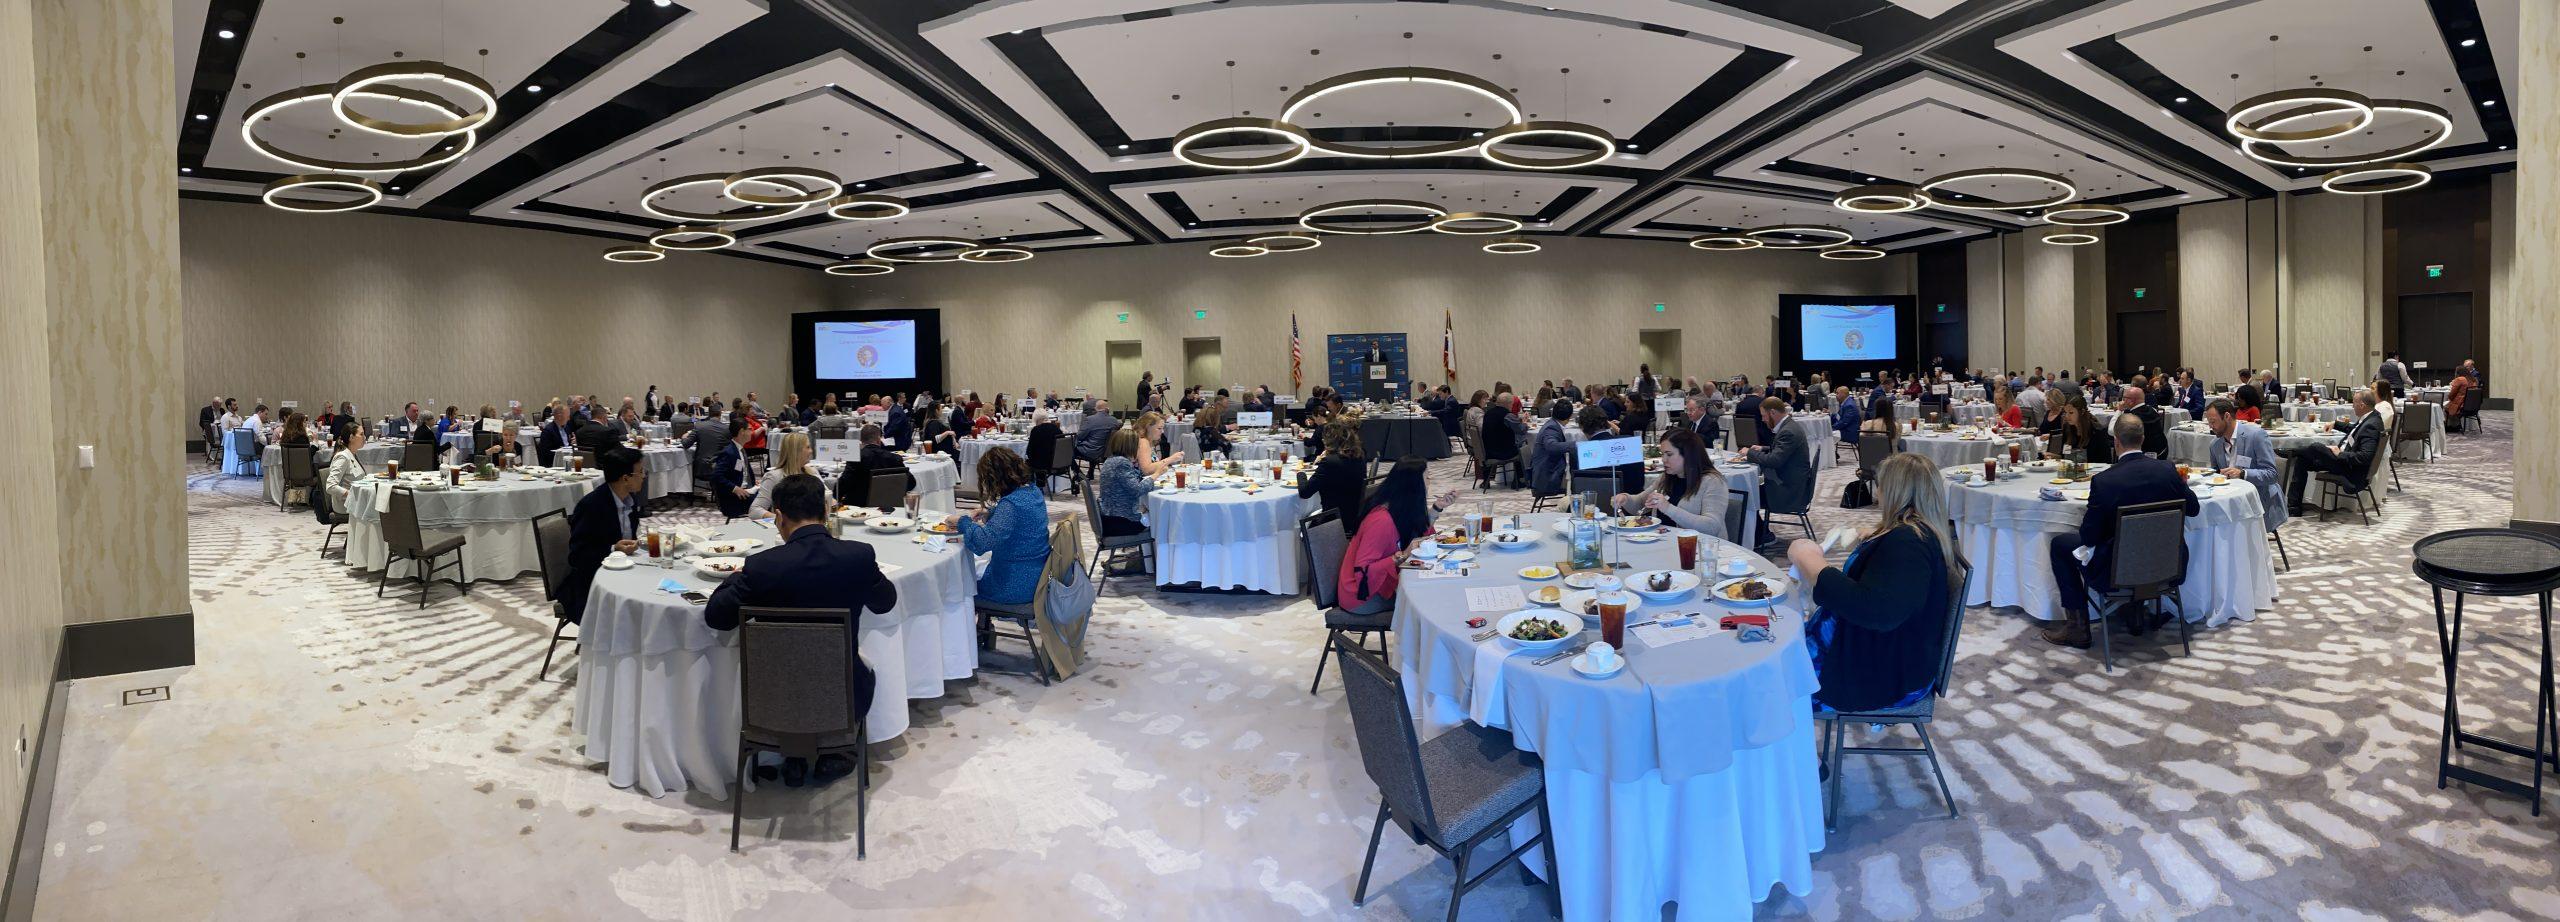 Congressman Dan Crenshaw Joins NHA for Annual Membership Meeting